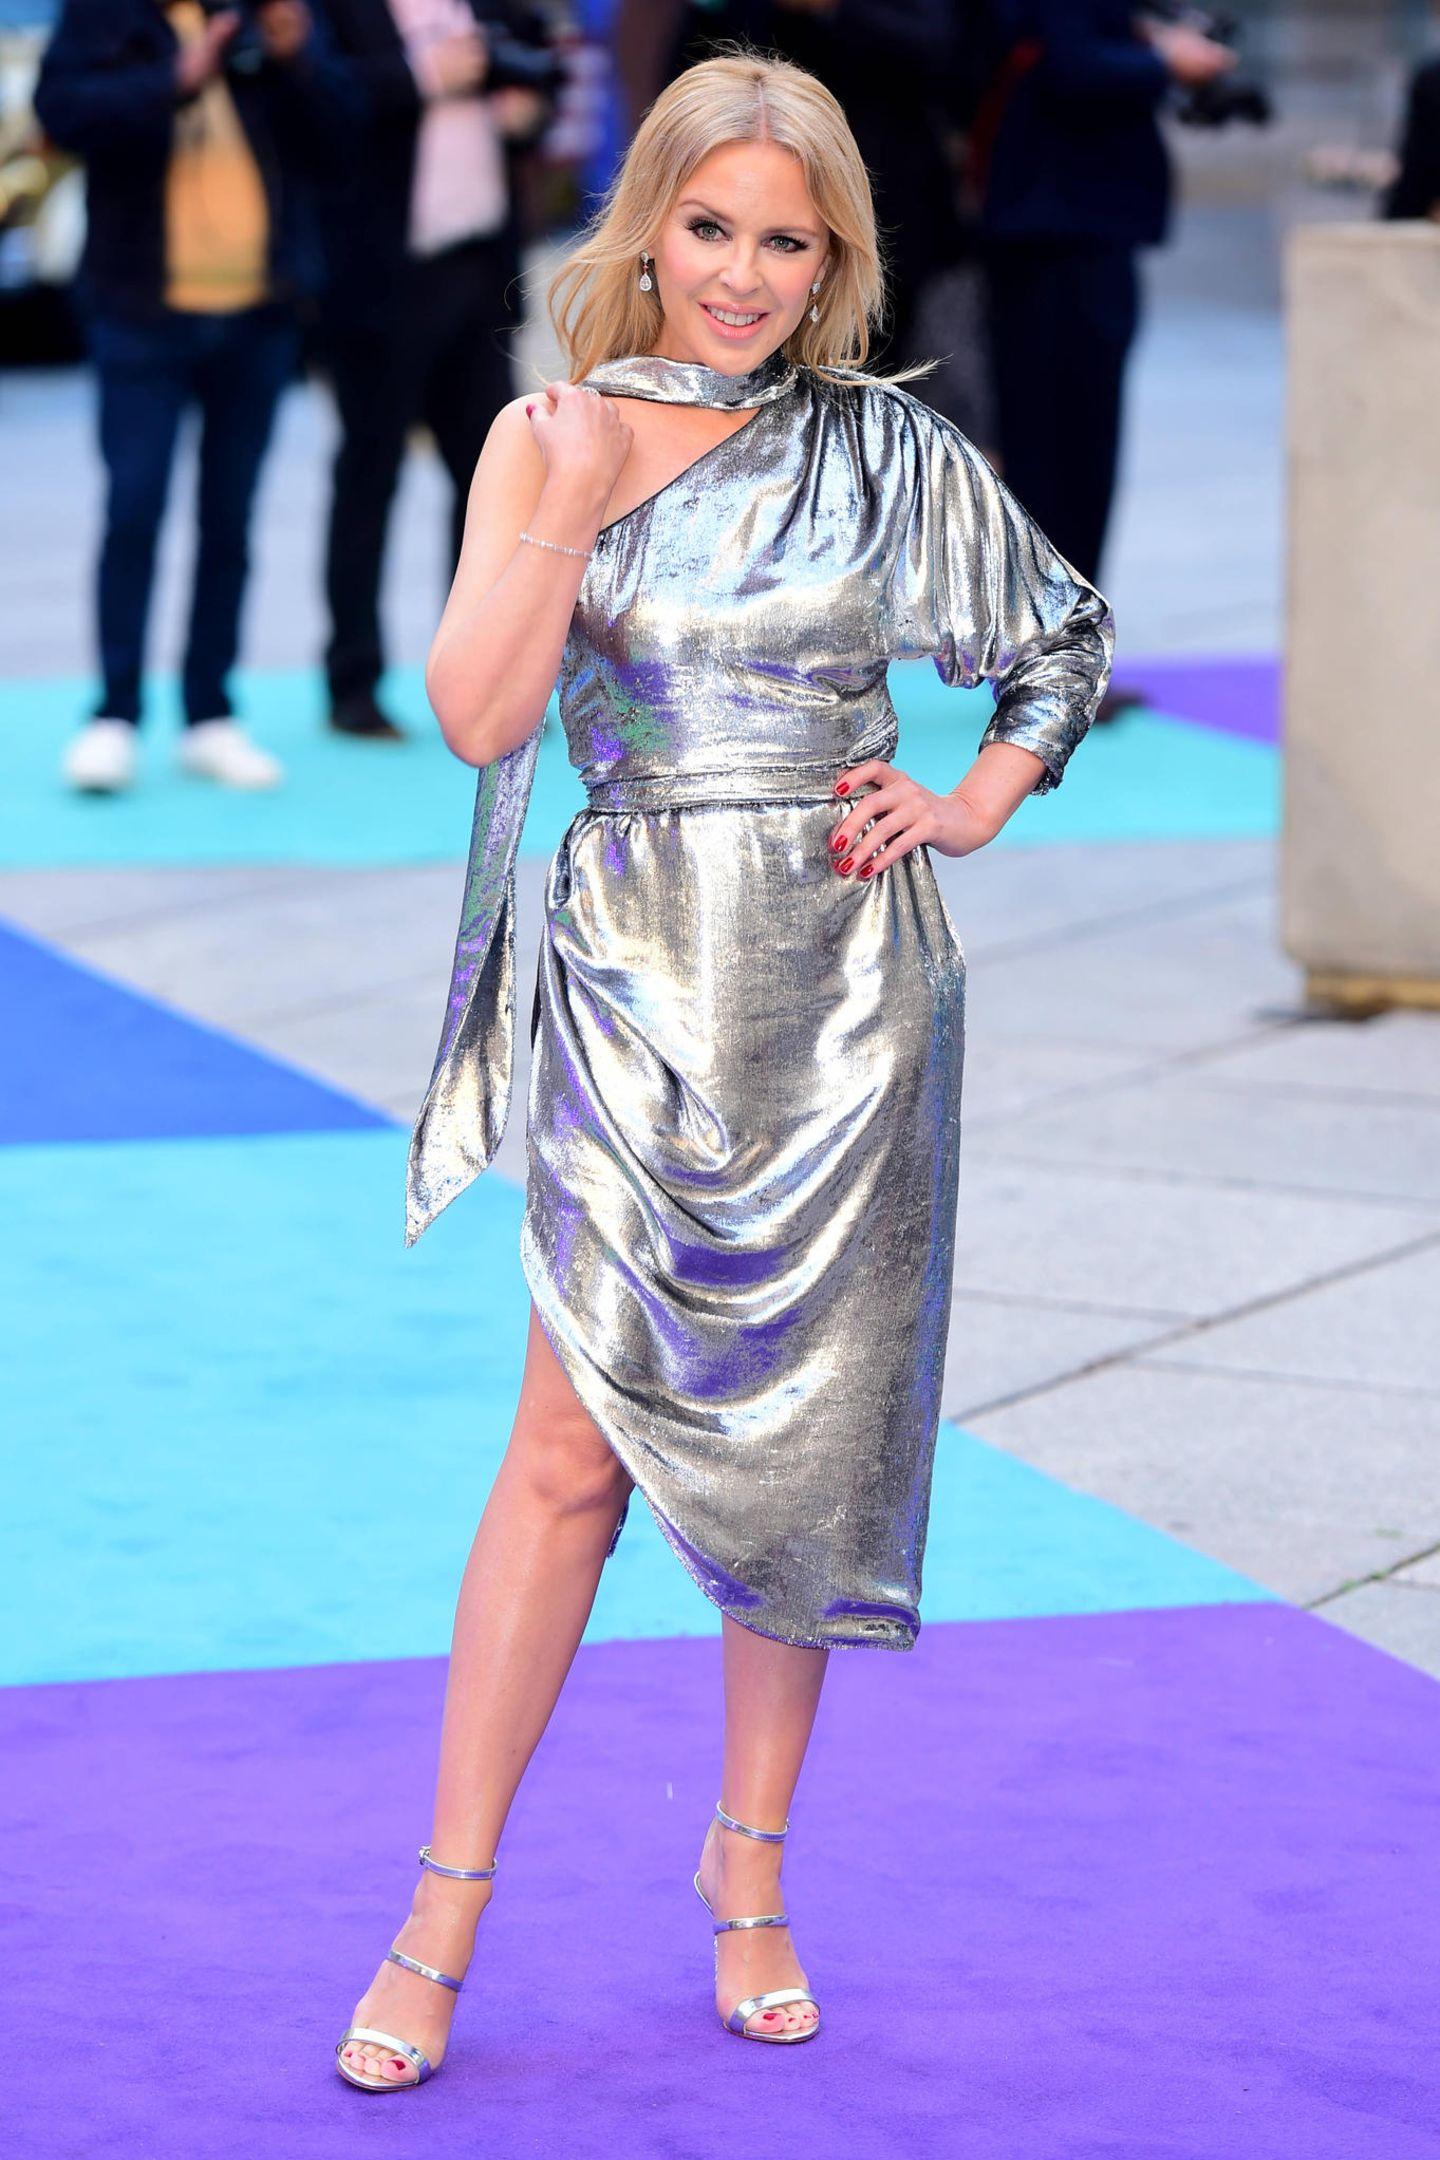 Bitte wie alt soll Kylie Minogue laut Geburtsurkunde sein?! Die australische Sängerin, die Ende Mai 2019 ihren 51. Geburtstag feierte, sieht im asymmetrischen Metallic-Kleid einfach umwerfend aus.